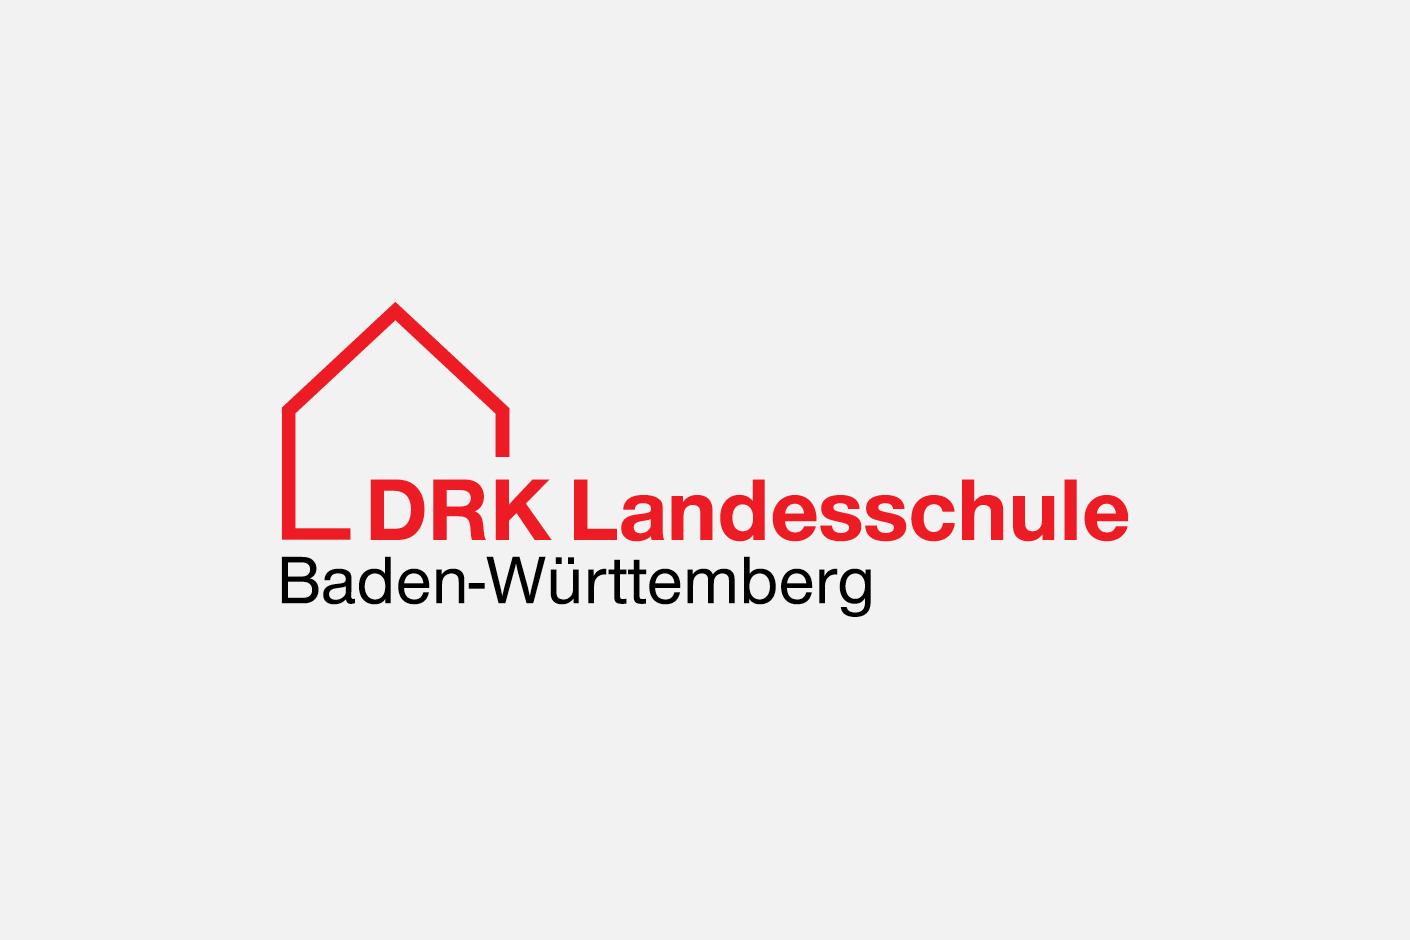 DRK Landesschule Baden-Württemberg